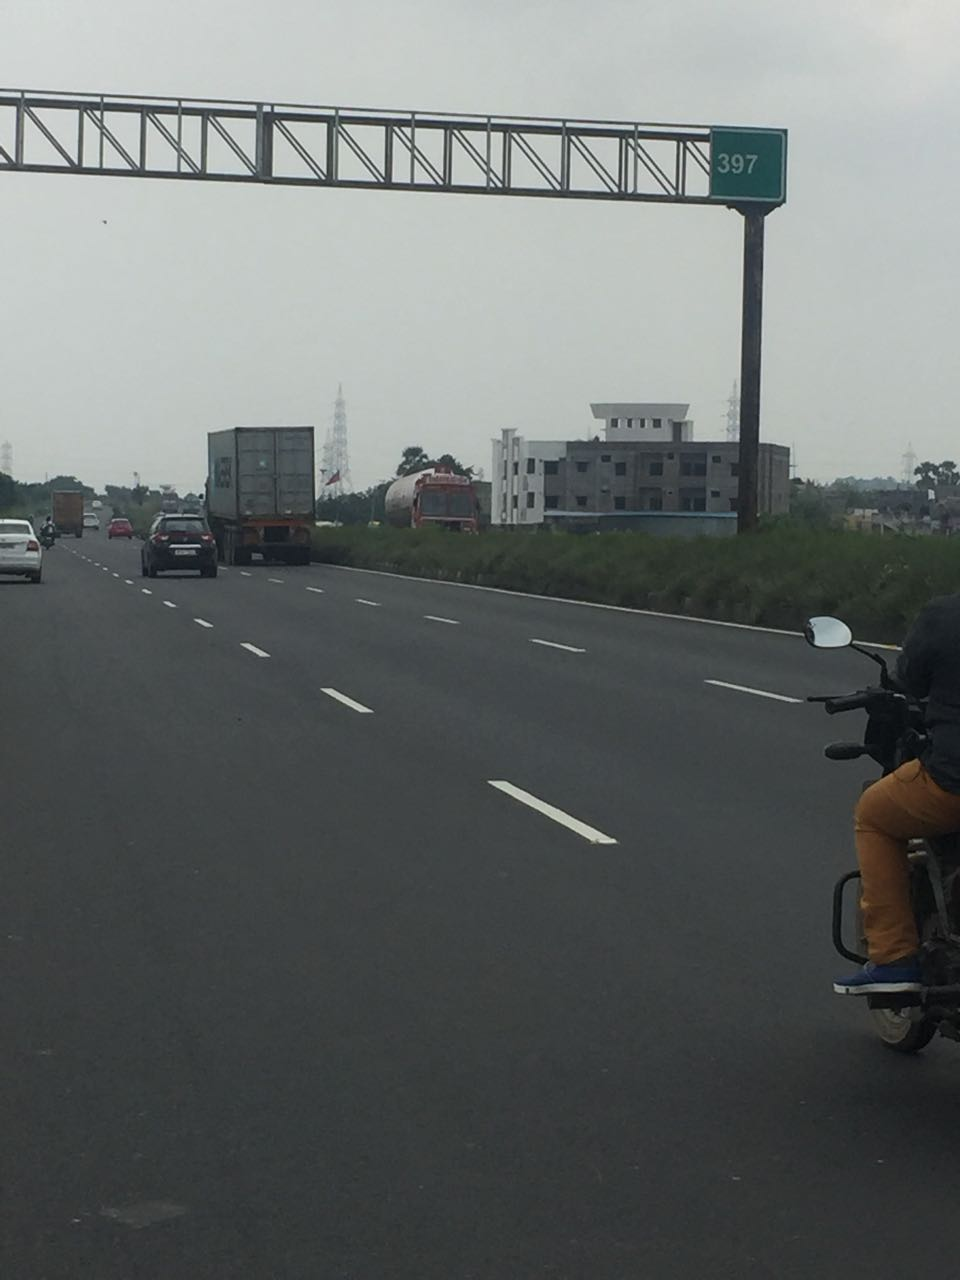 Land / Plot for sale in Tiruneermalai, Pallavaram, Chennai | Deal A